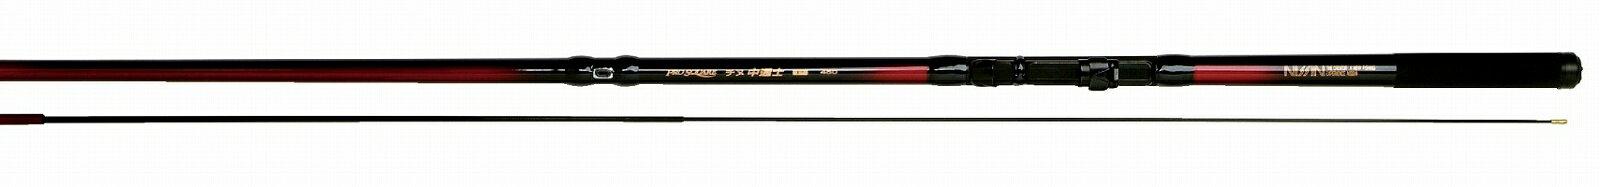 送料無料 即日発送 宇崎日新 PRO SQUARE (プロスクエア) チヌ中通士 W-6.3m NISSIN Made in Japan日本製 (インターライン 中通し・磯竿・チヌ竿)